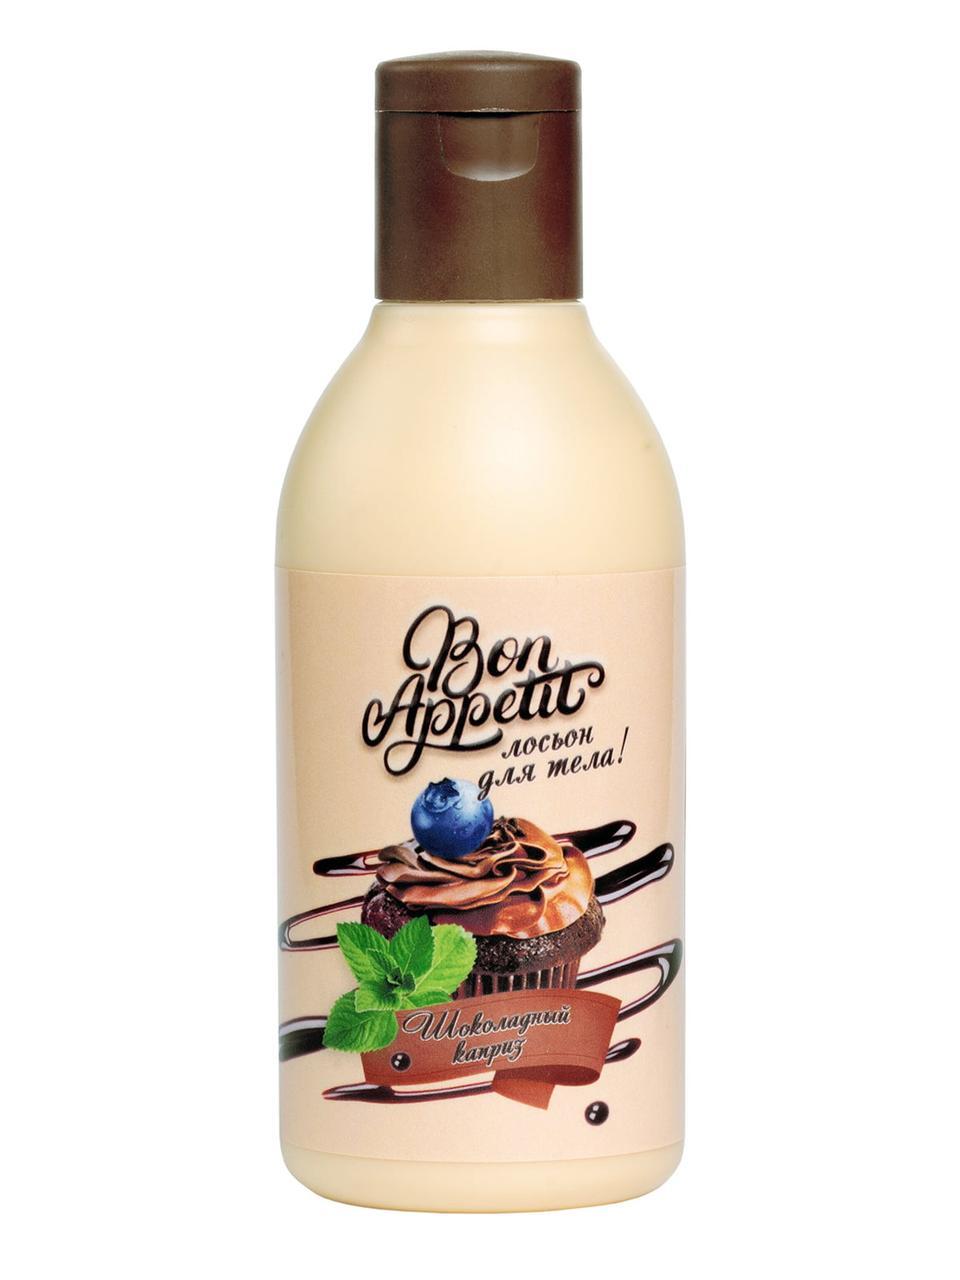 Лосьон для тела BON APPETIT Шоколадный каприз